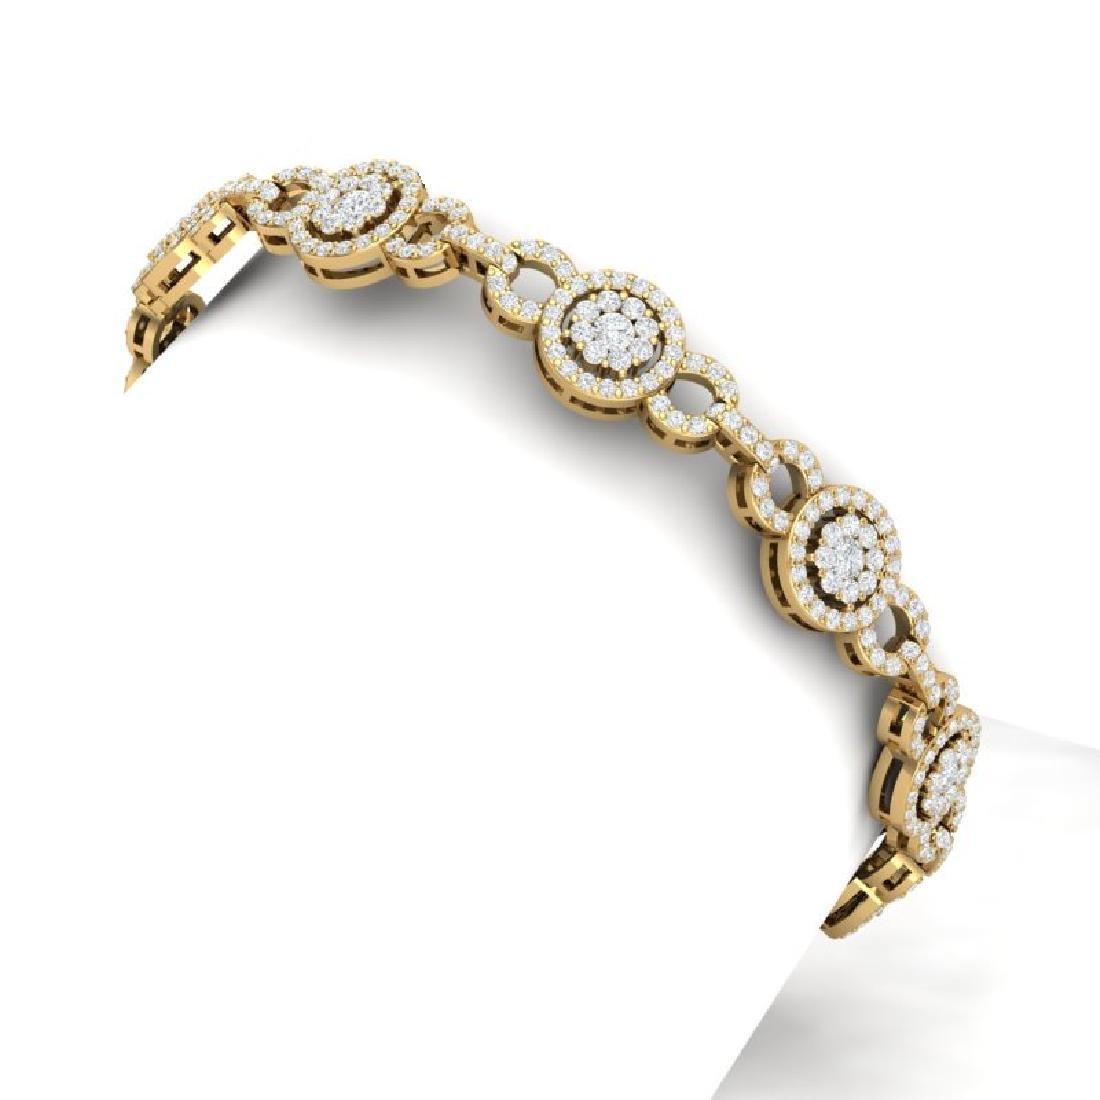 5 CTW Certified SI/I Diamond Halo Bracelet 18K Yellow